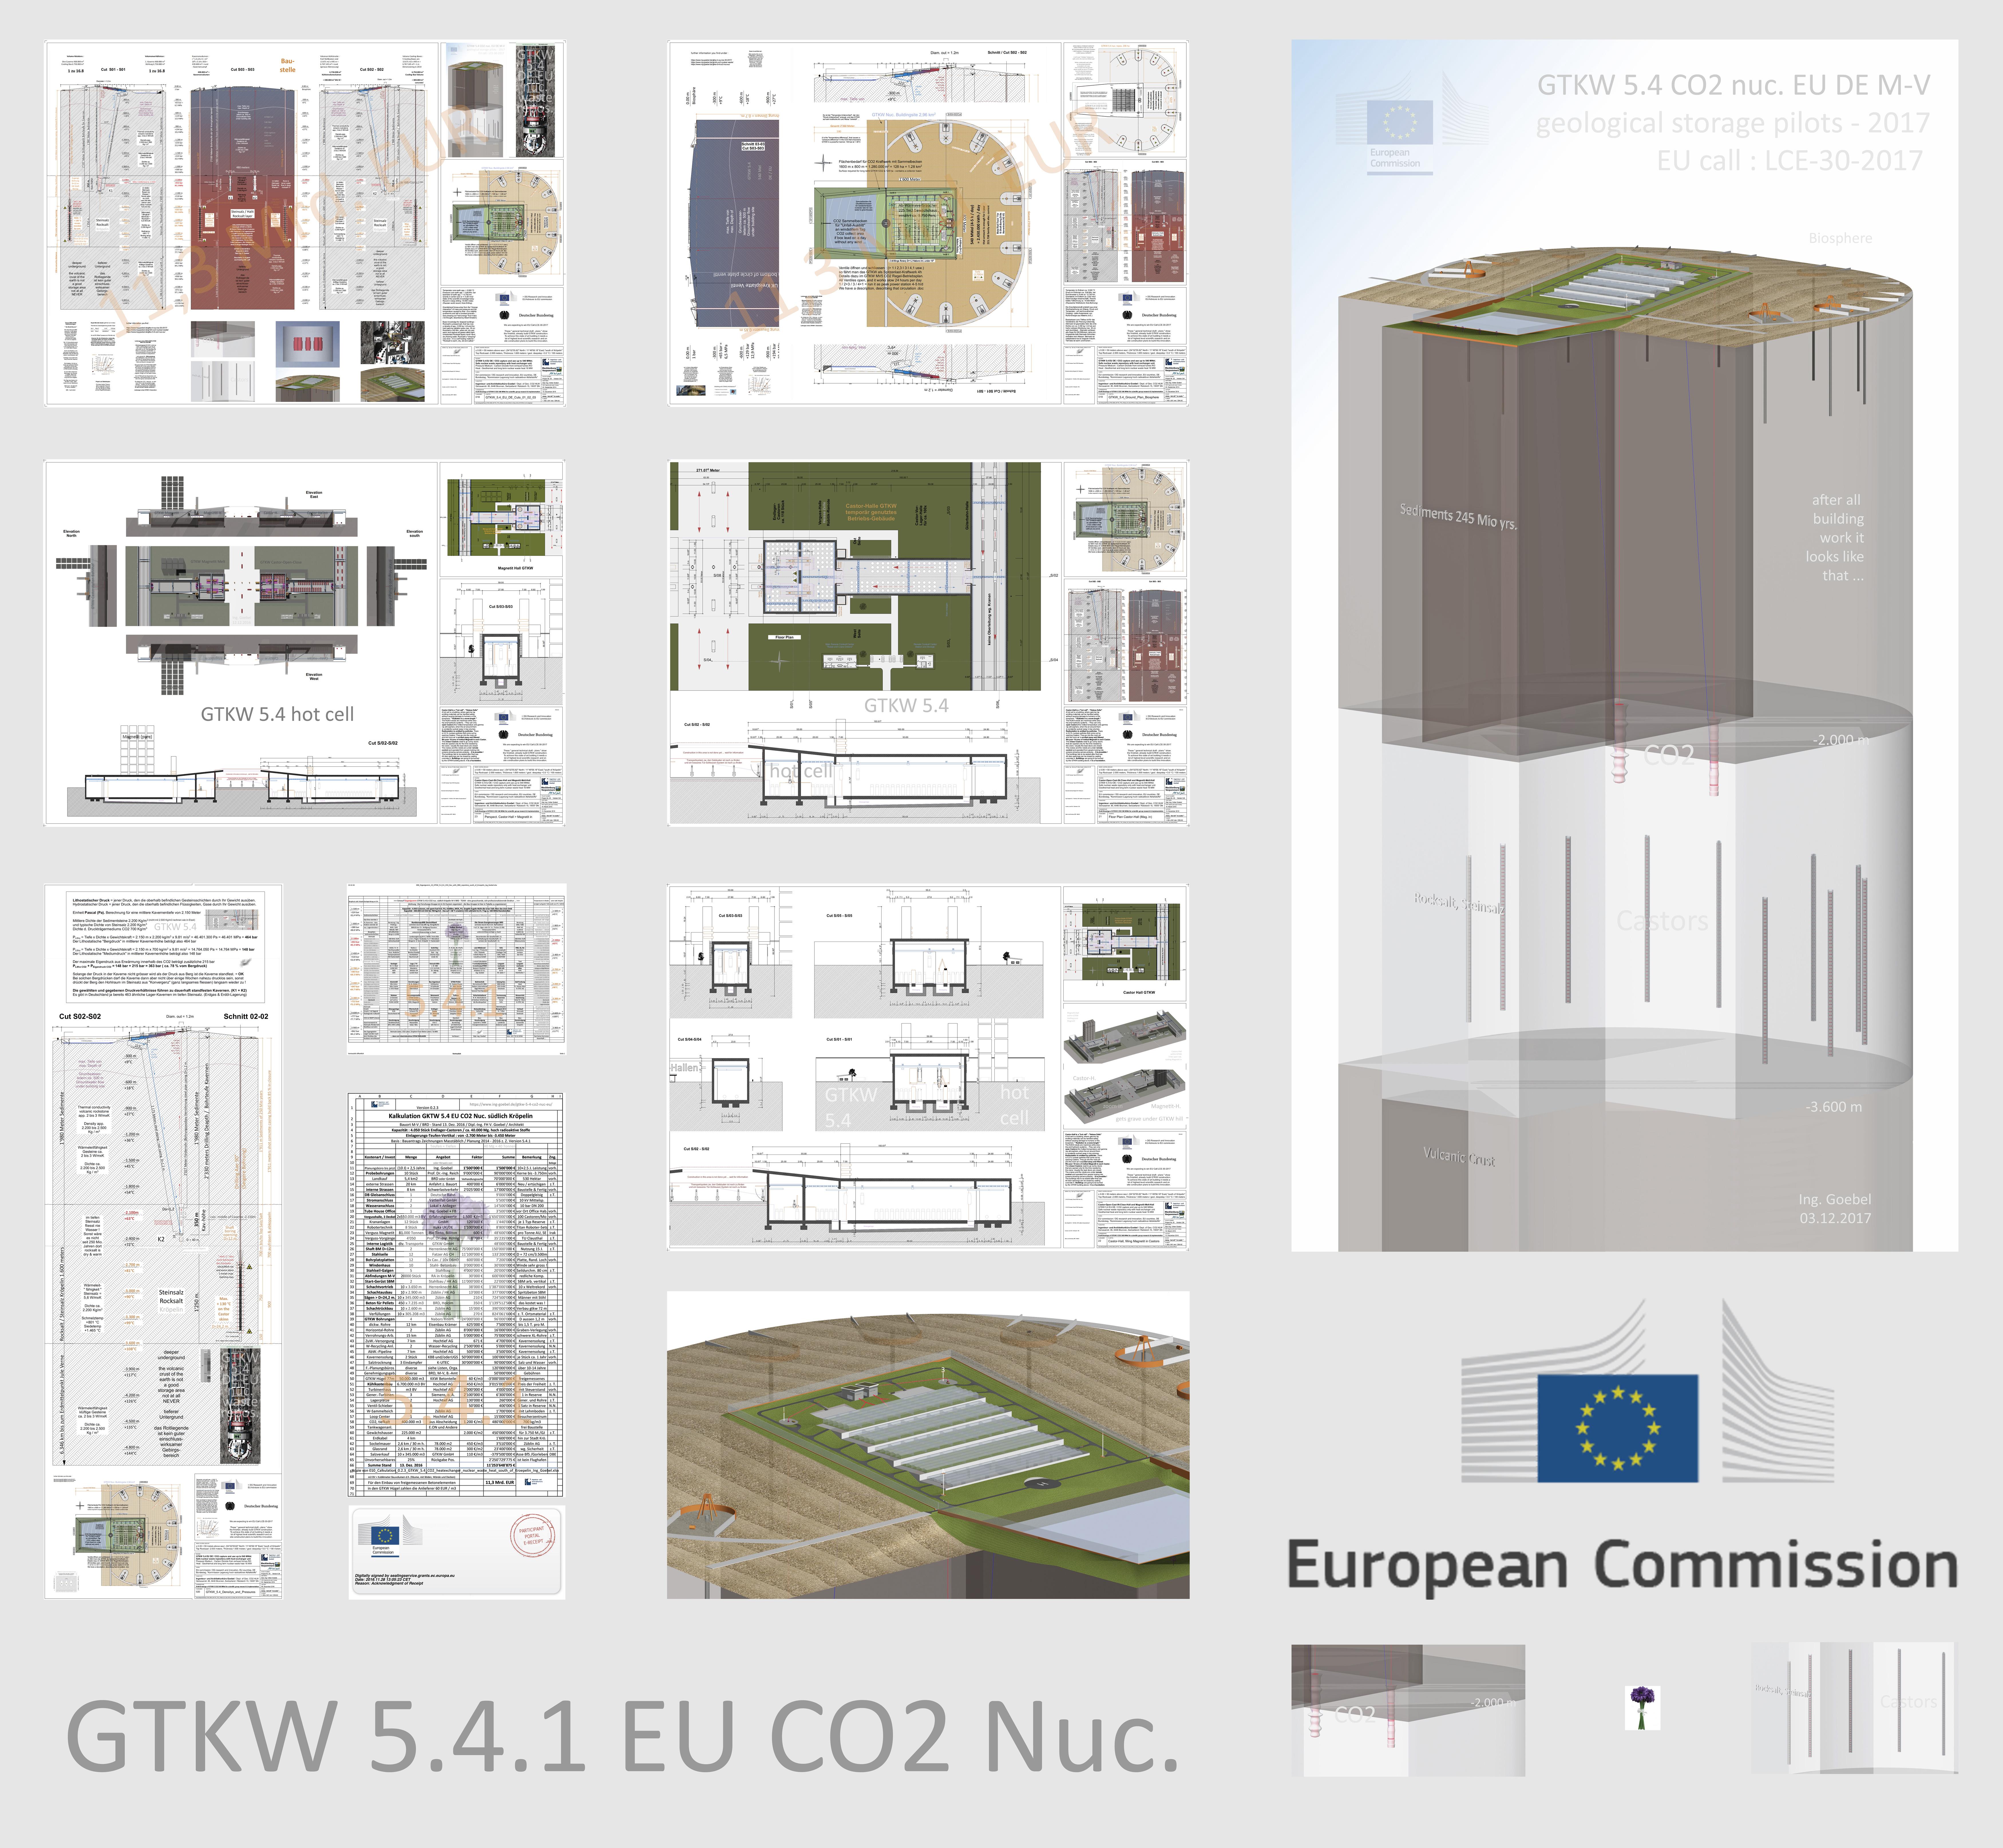 XS_All_GTKW_5.4_EU_CO2_Nuc_LCE-30-2017.jpg